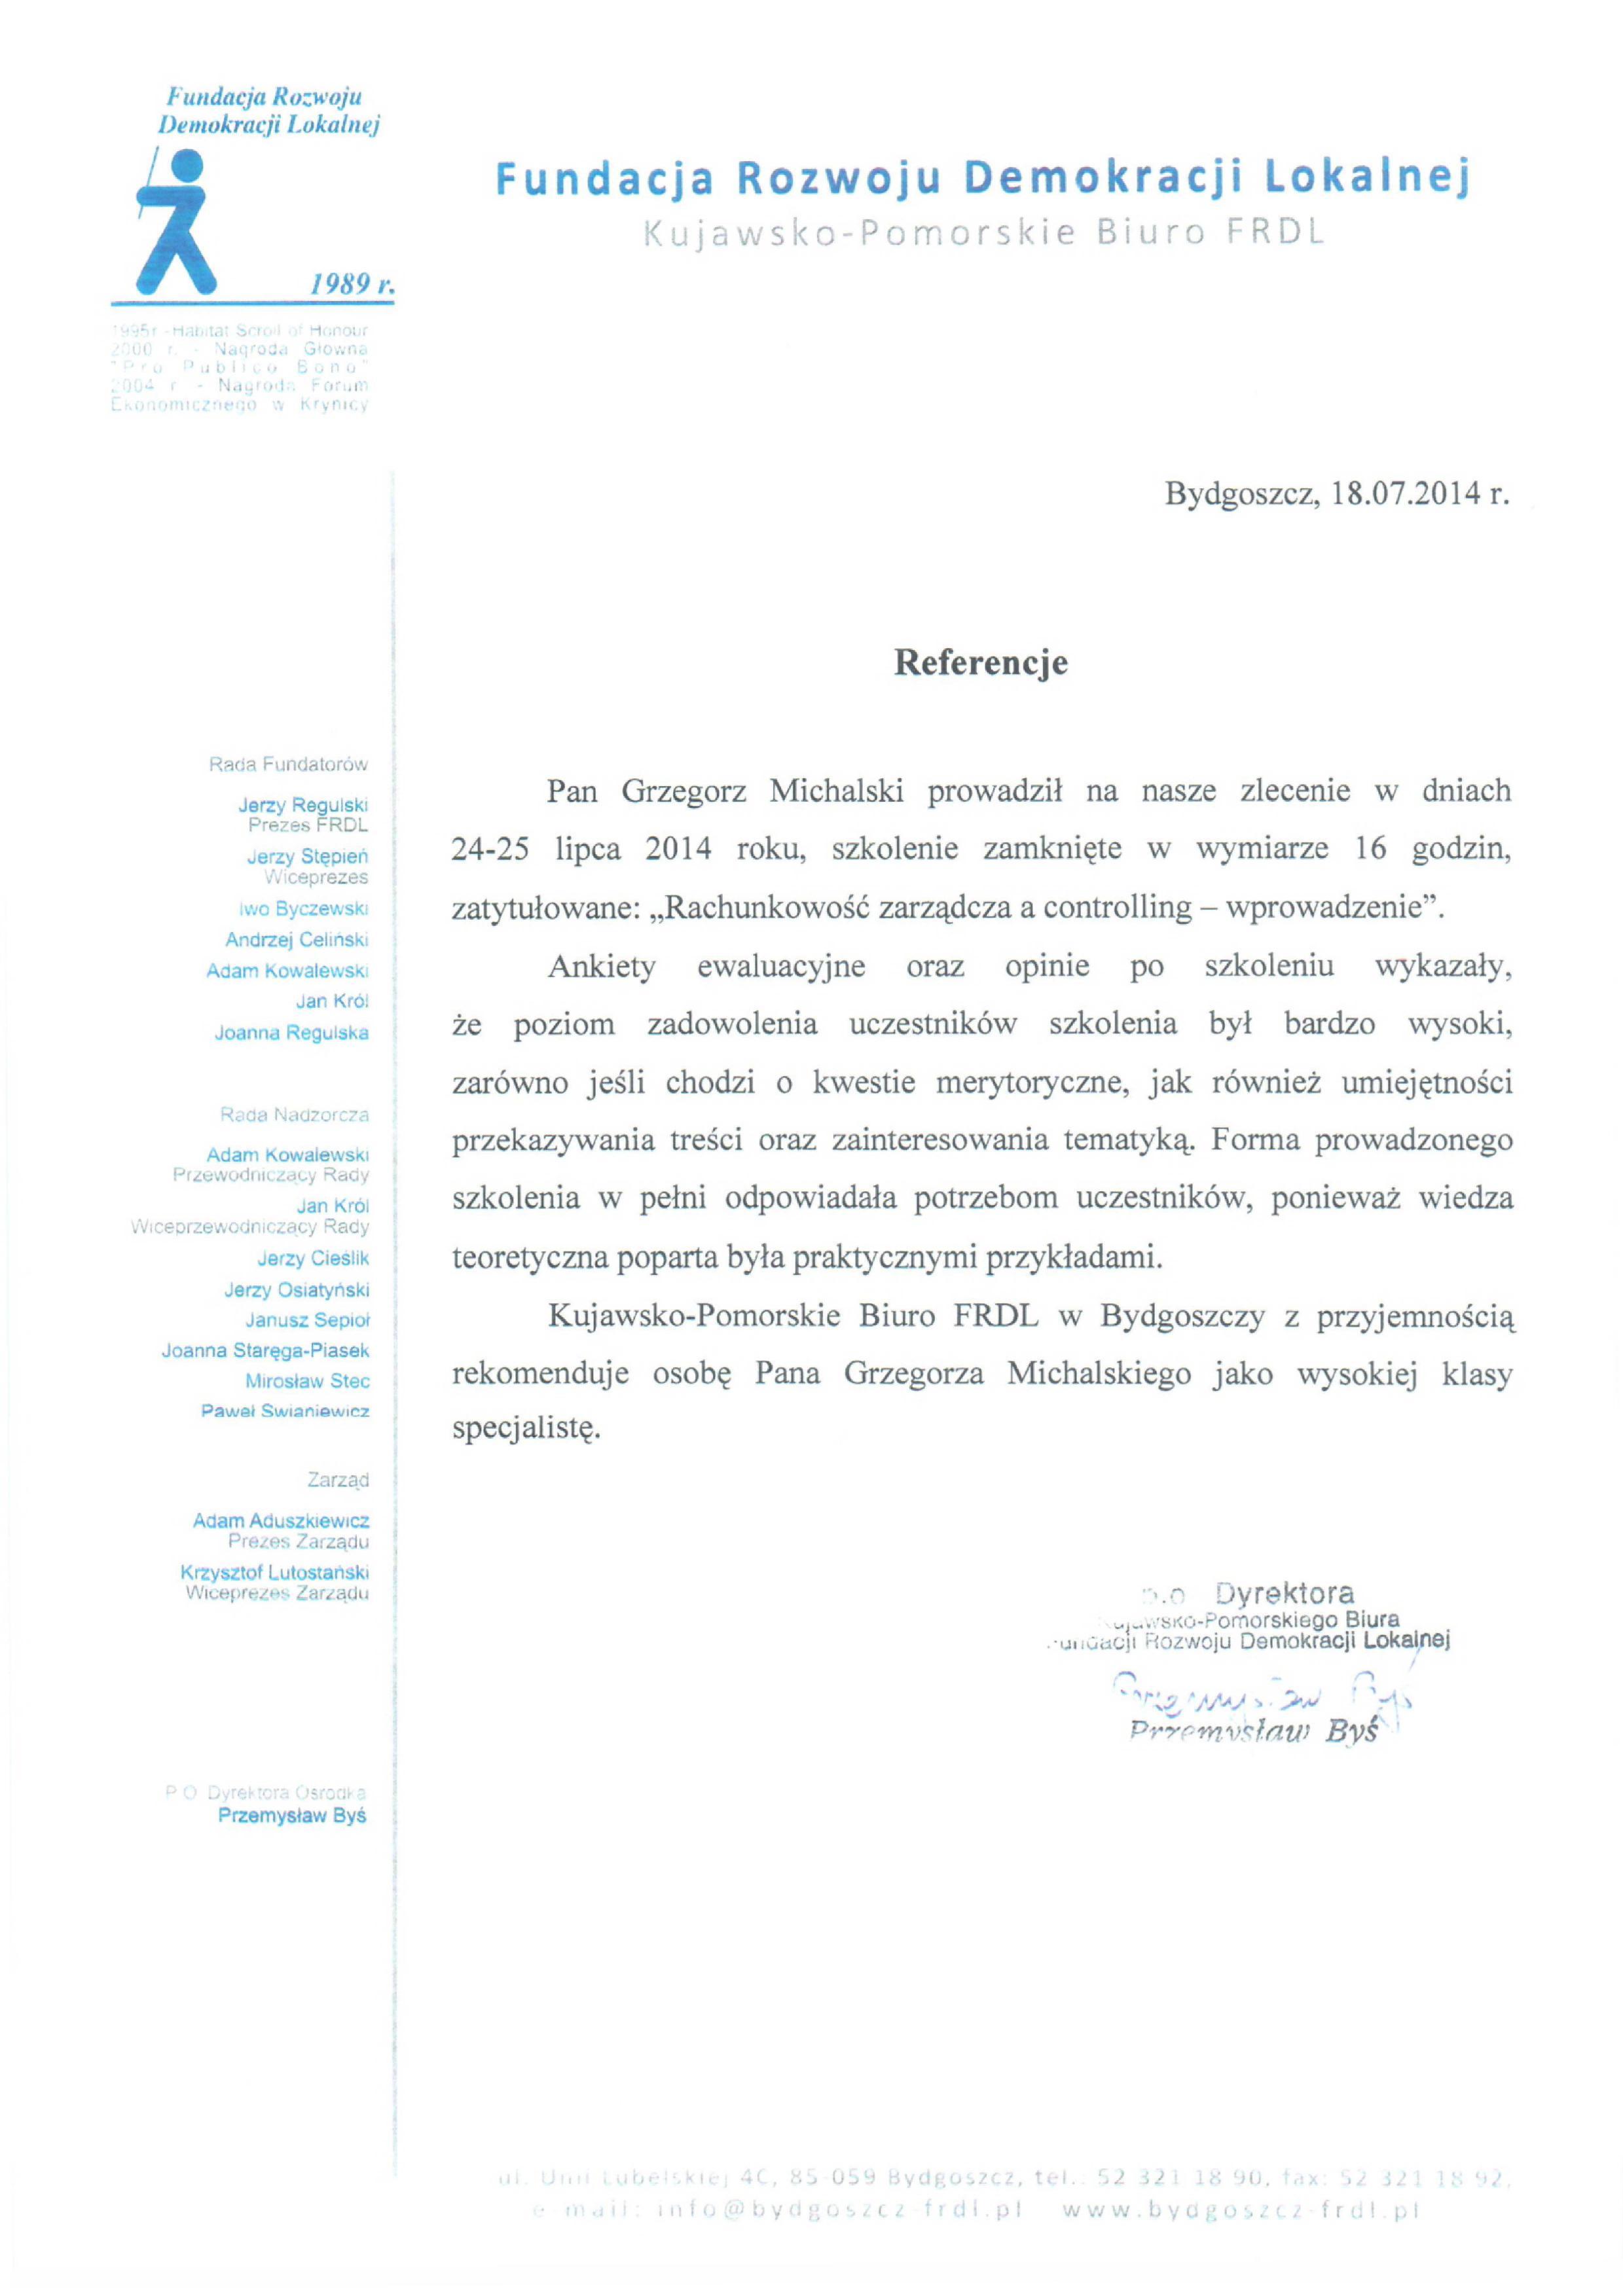 Referencje-michalski-grzegorz-Rachunkowosc-Zarzadcza-VII2014BydgoszczFRDL-UTP.jpg?=szkolenia